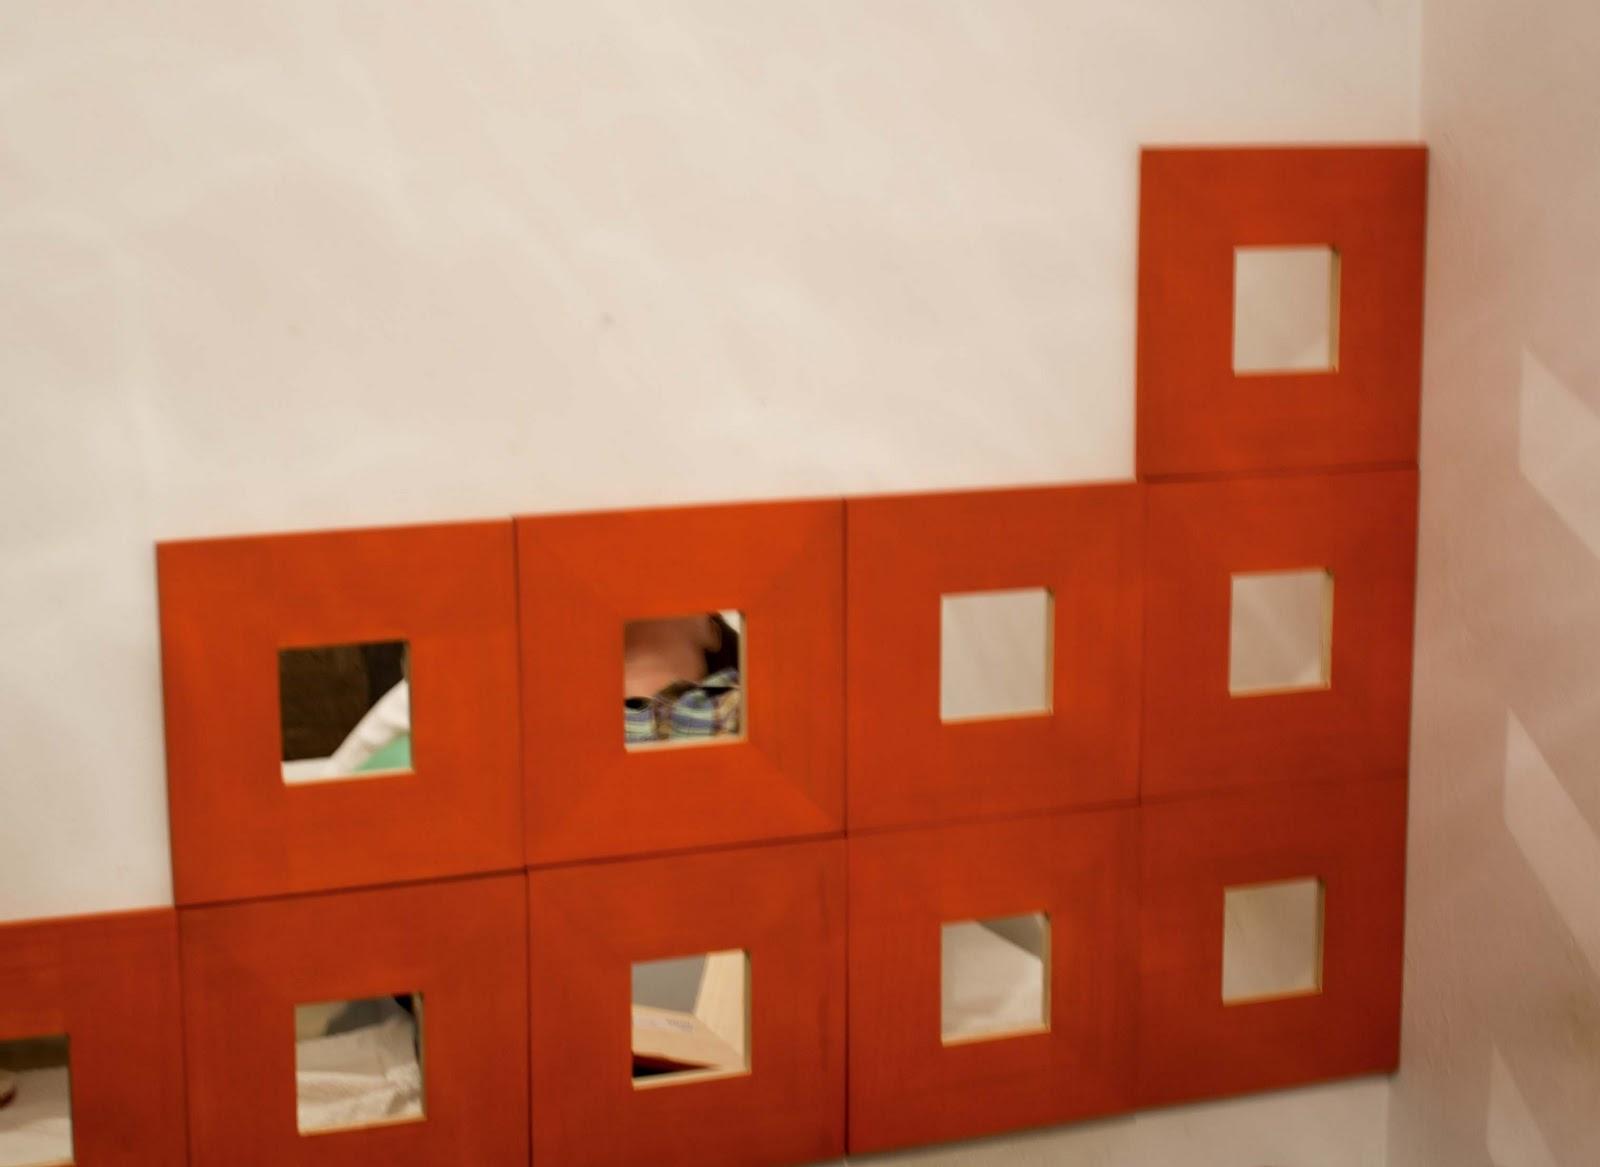 Nueve cabecero con espejos malma de ikea hay un trasto - Espejos de pared ikea ...